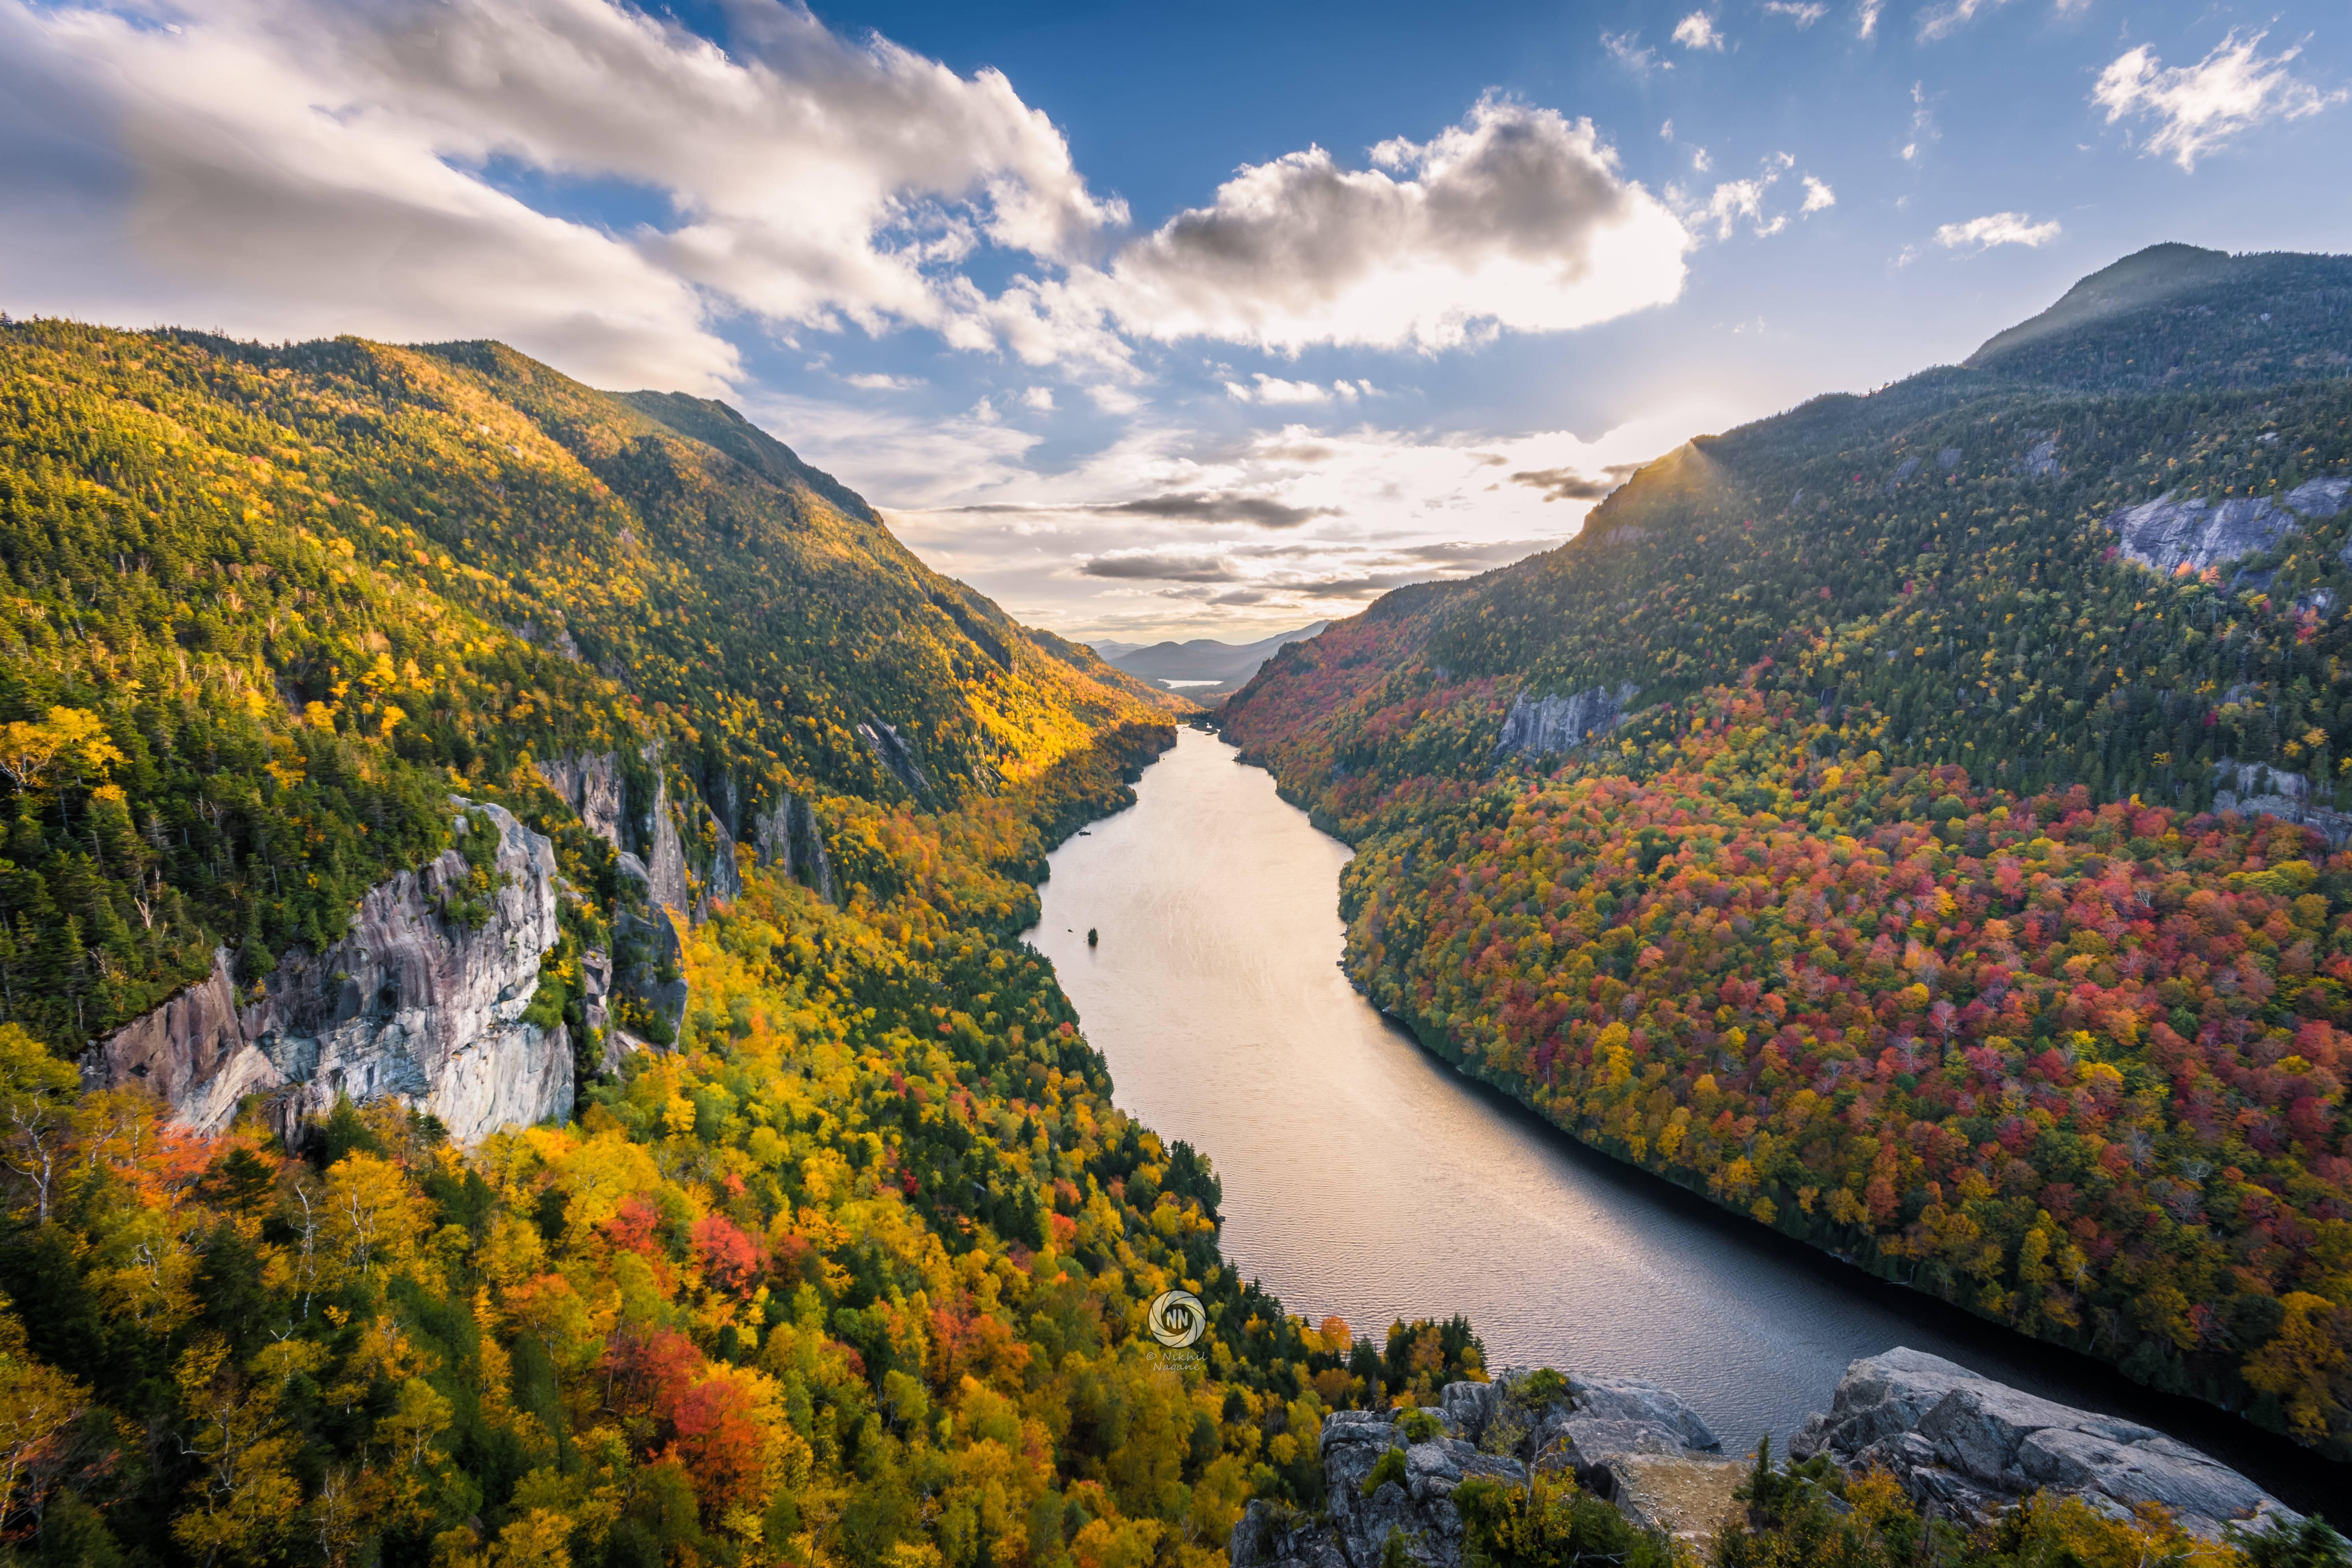 Ingyenes Httrkpek  5981X3987 Px, Adirondack Mountains, Felhk, Esik, Hegyek -2272